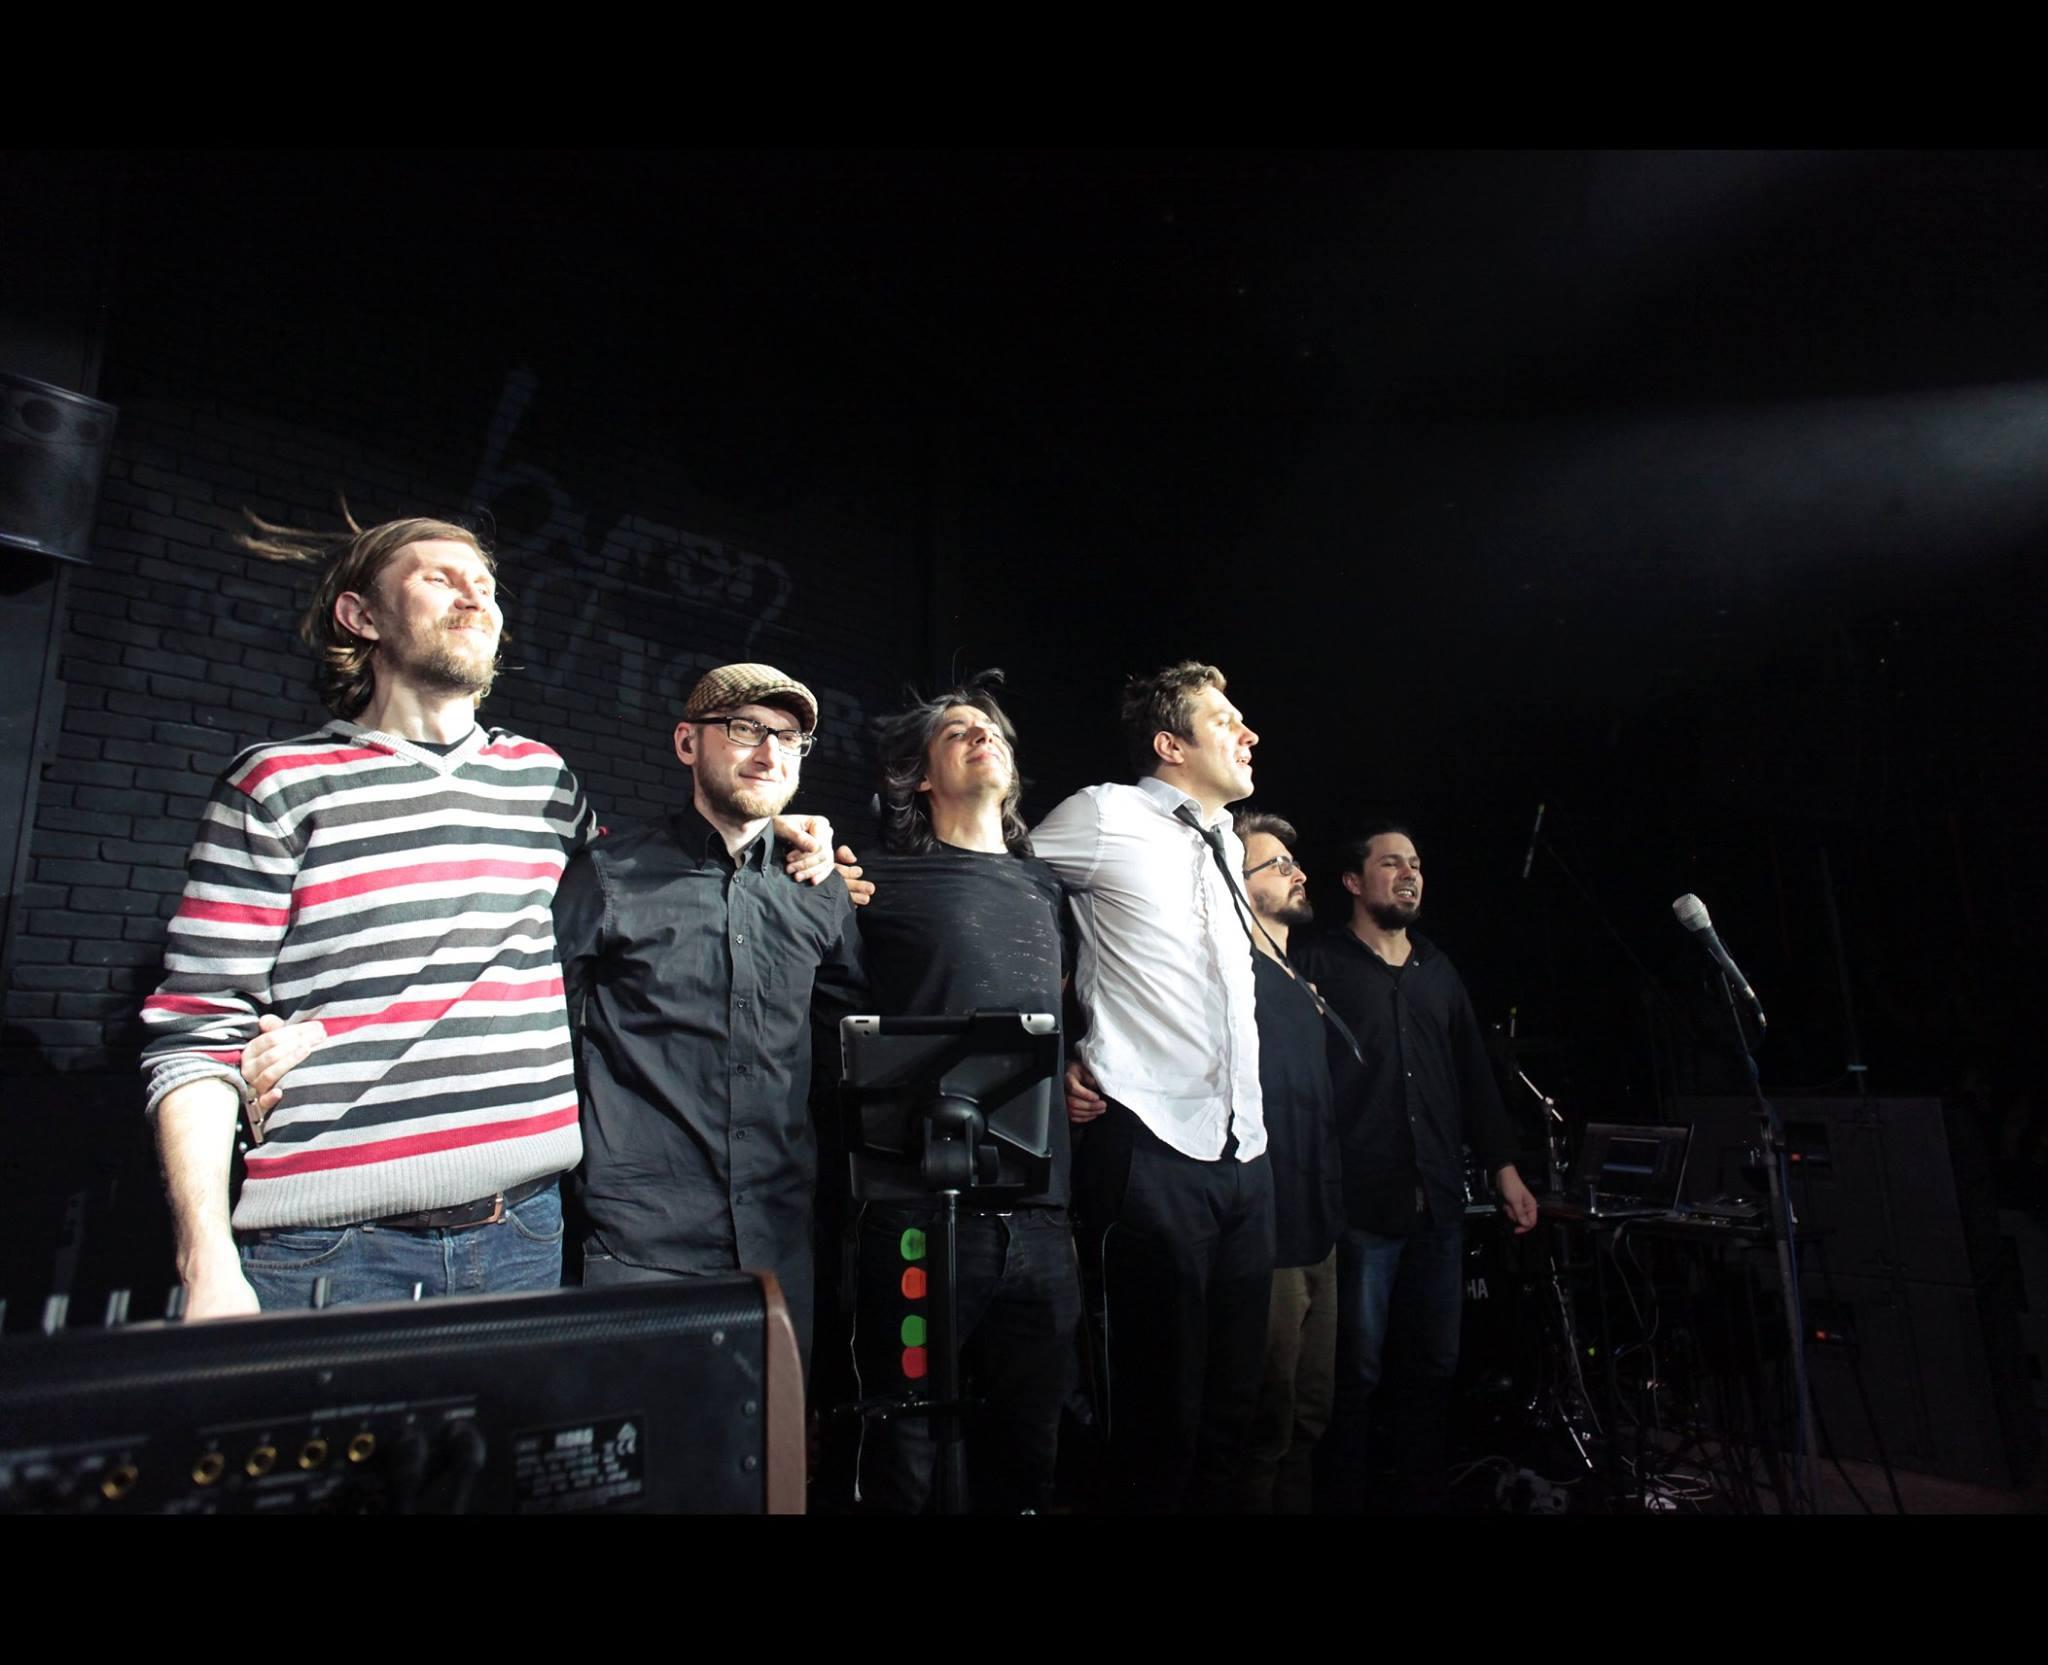 10 martie - Solo Together la Fratelli